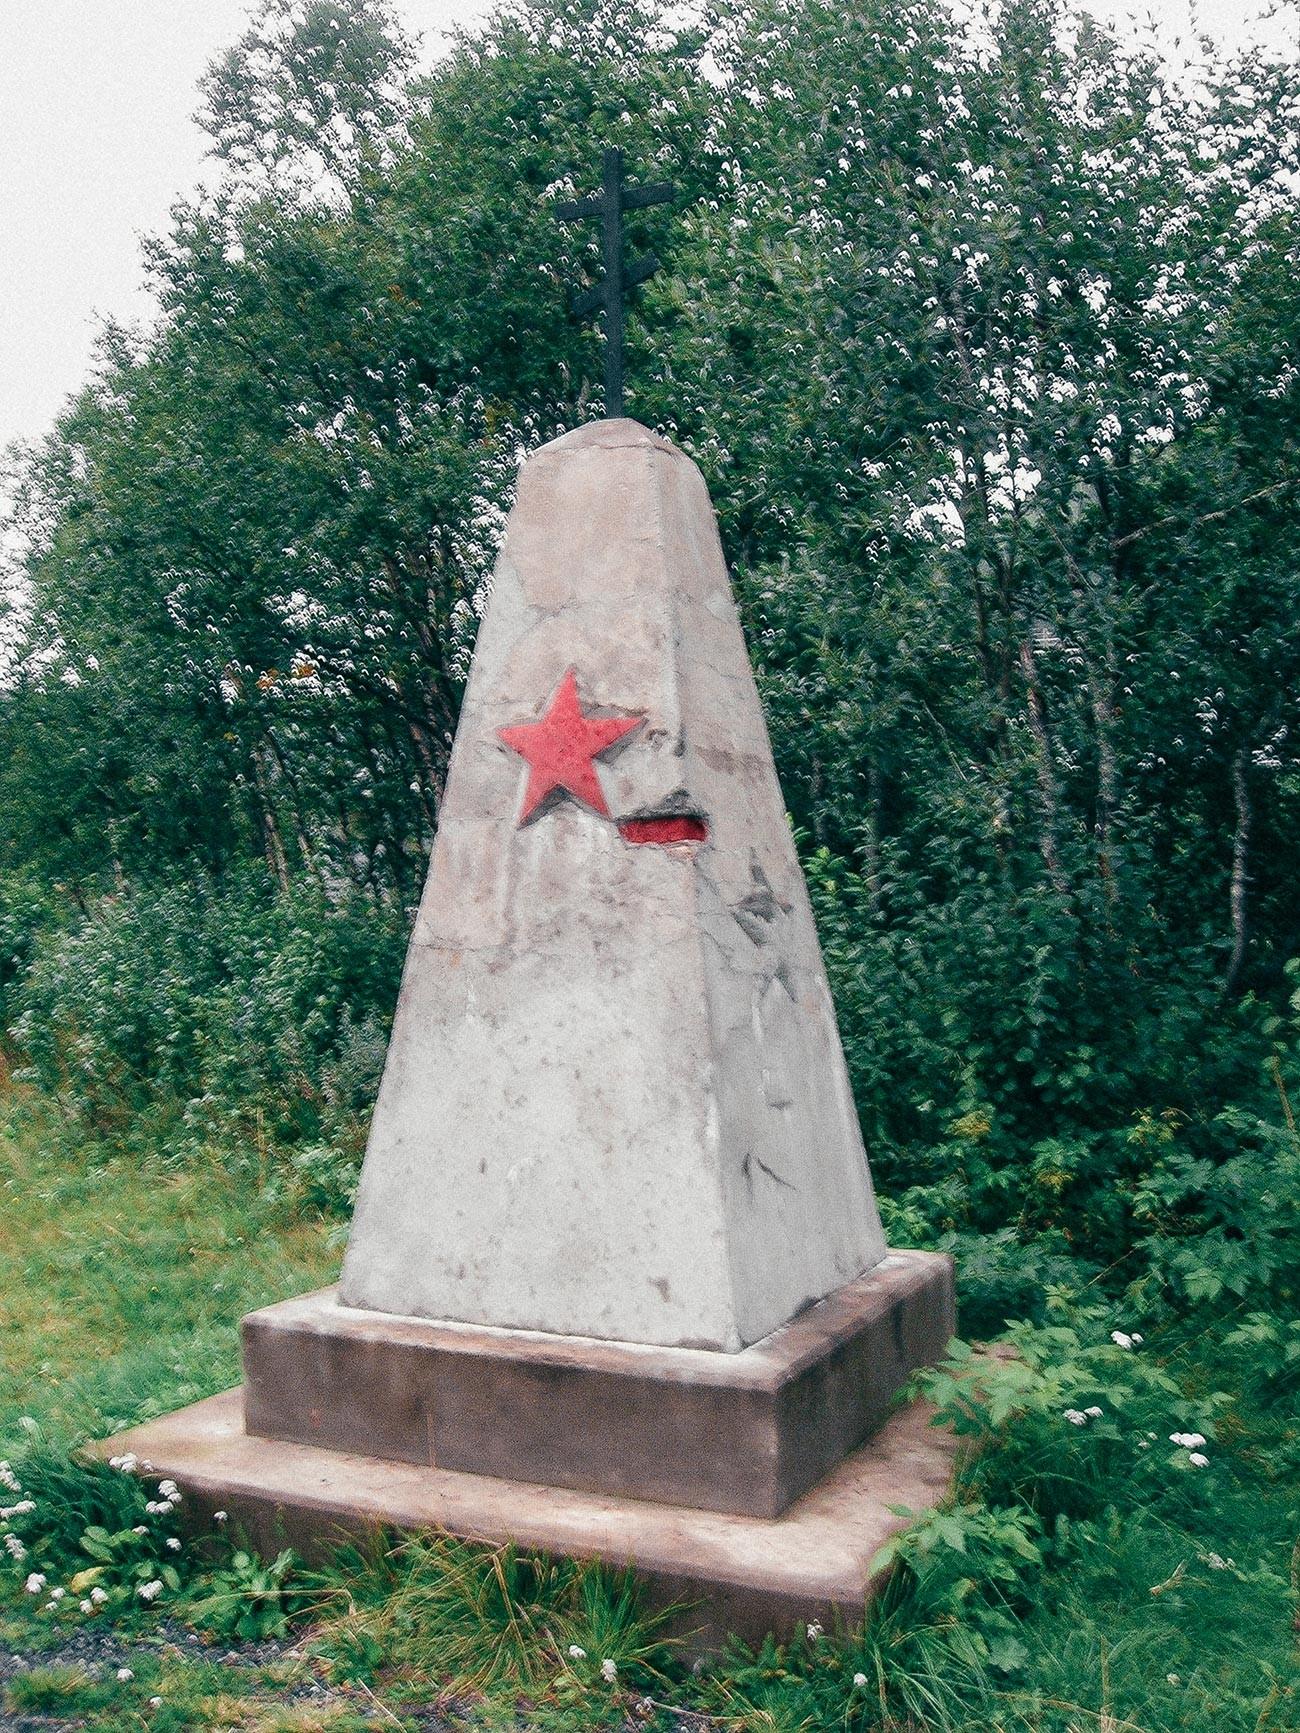 Gedenkstein für die rund 5.000 sowjetischen Gefangenen, die während des Zweiten Weltkriegs einen Teil der Nordlandsbanen (Nordland-Eisenbahnstrecke) bauten